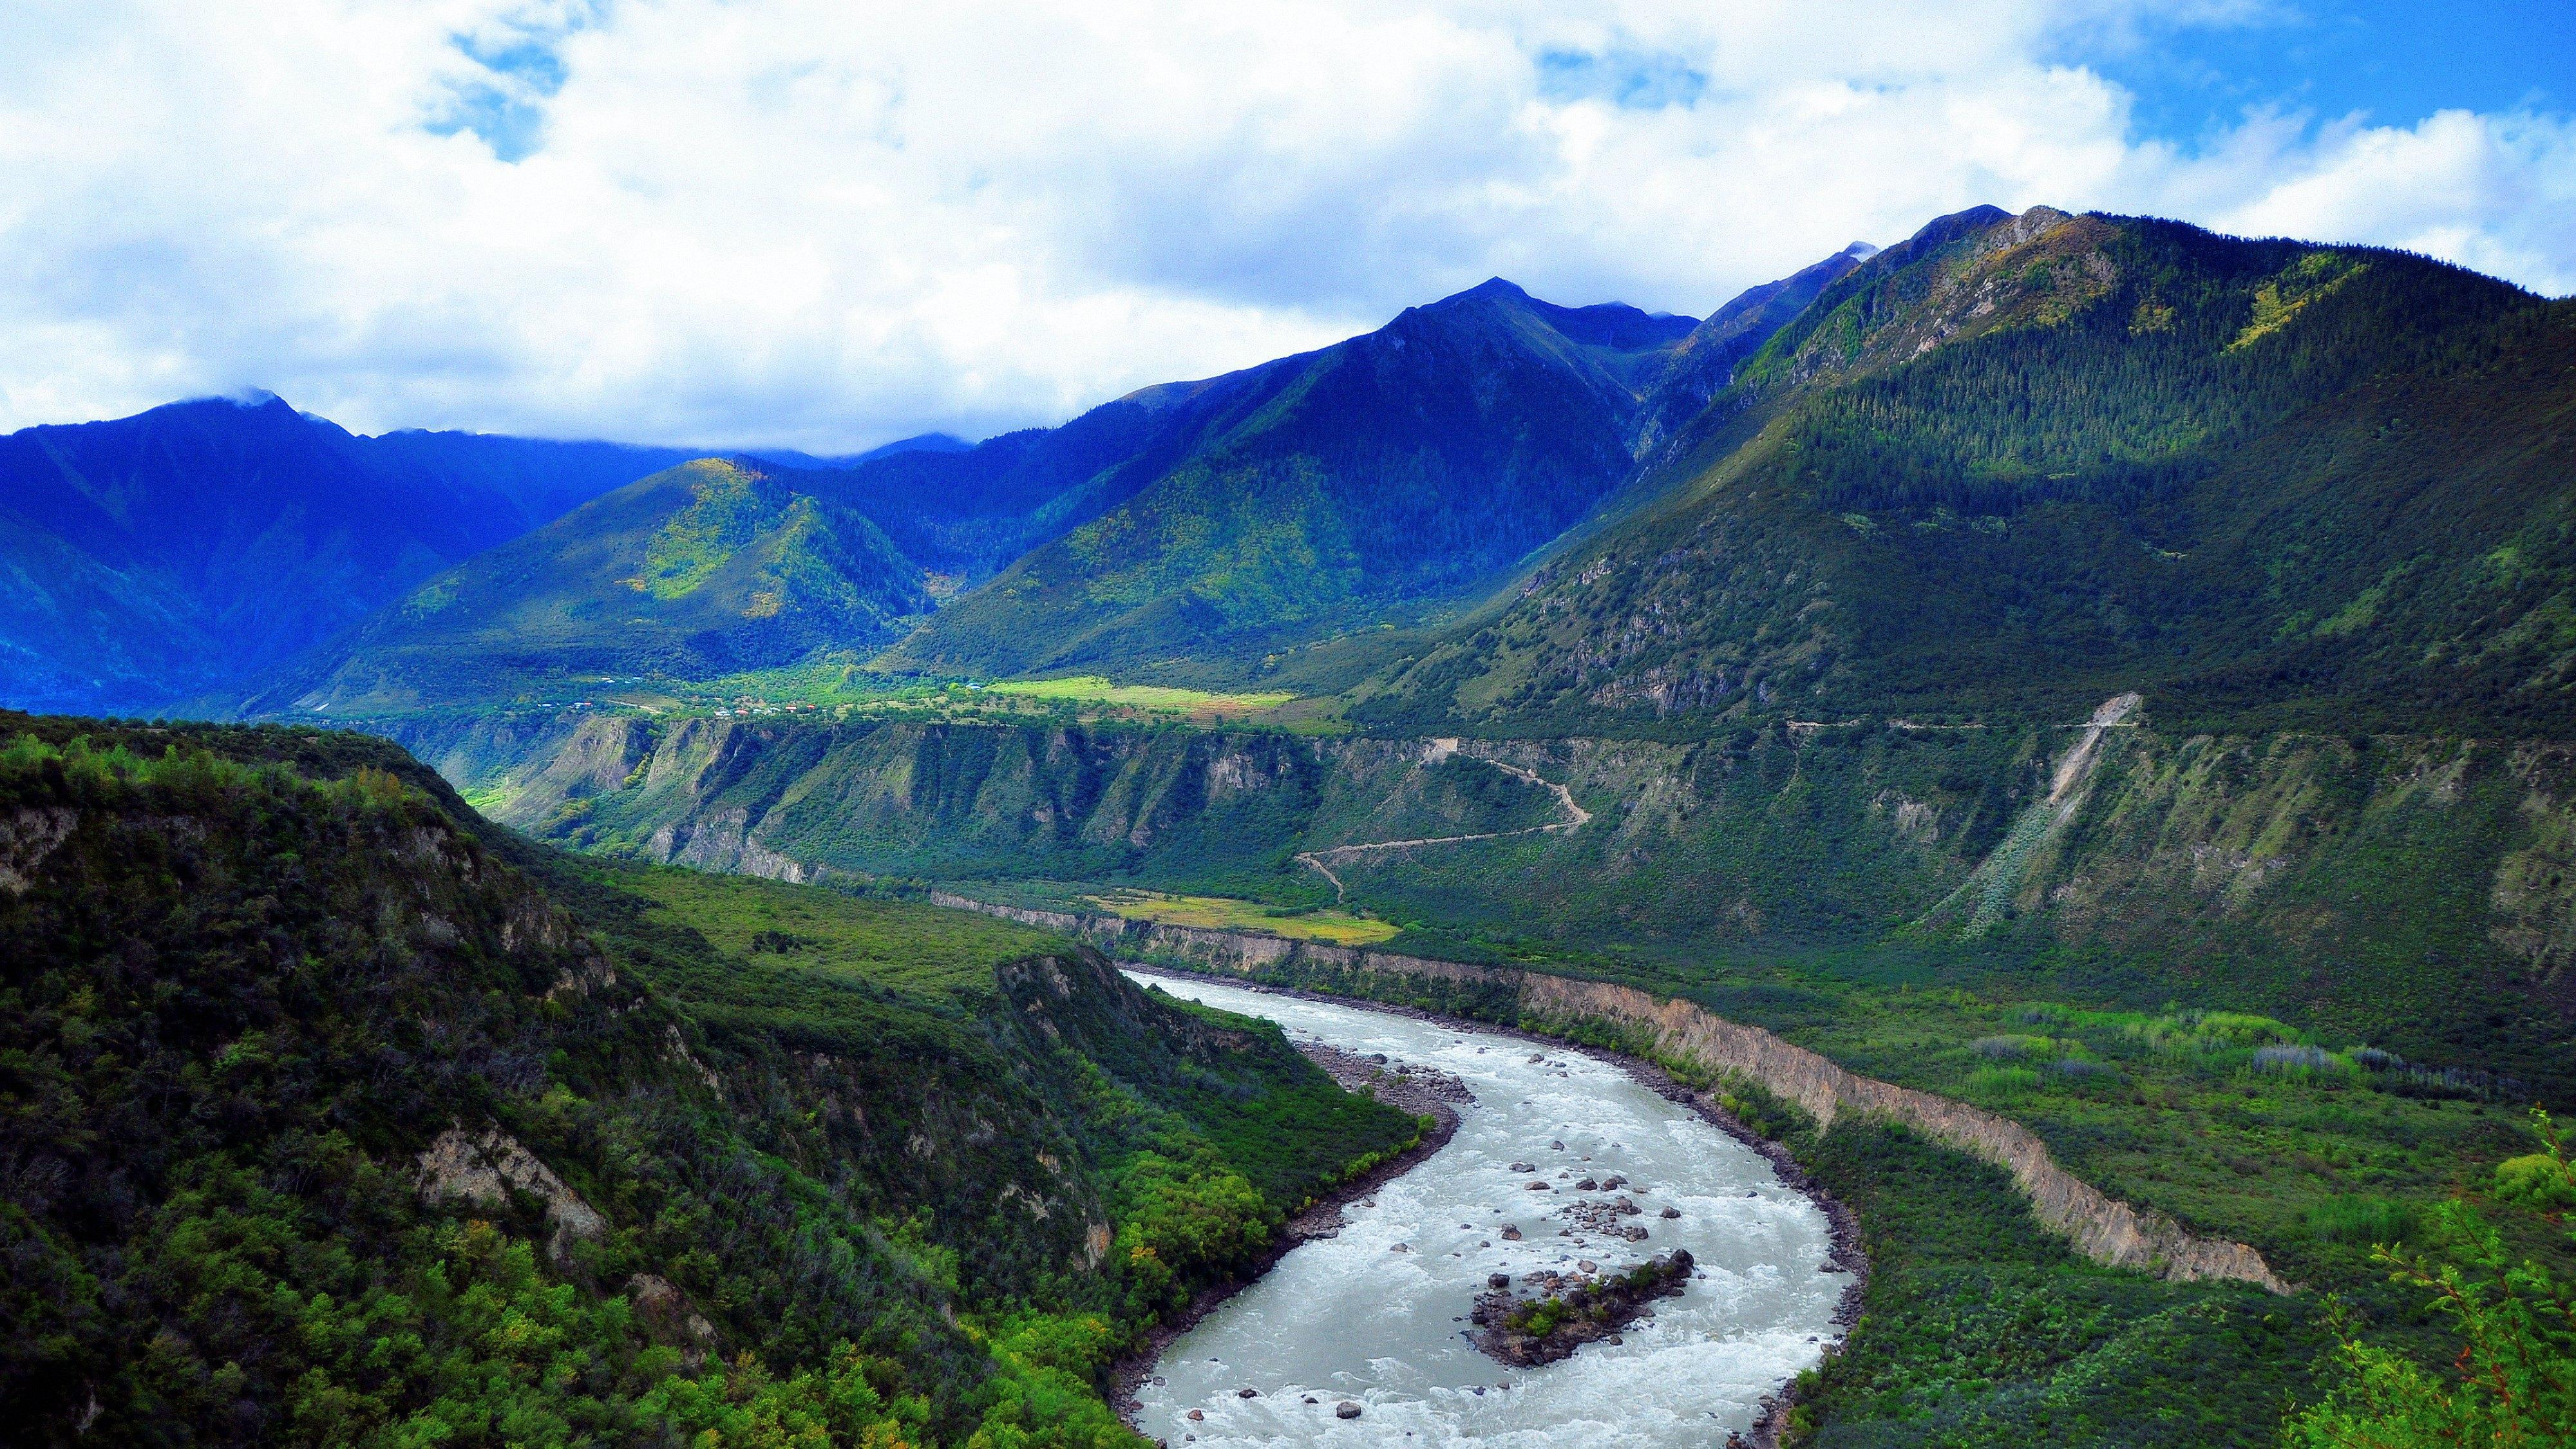 西藏拉萨 林芝桃花村 波密桃花沟 鲁朗林海 然乌湖 桑耶寺五日游